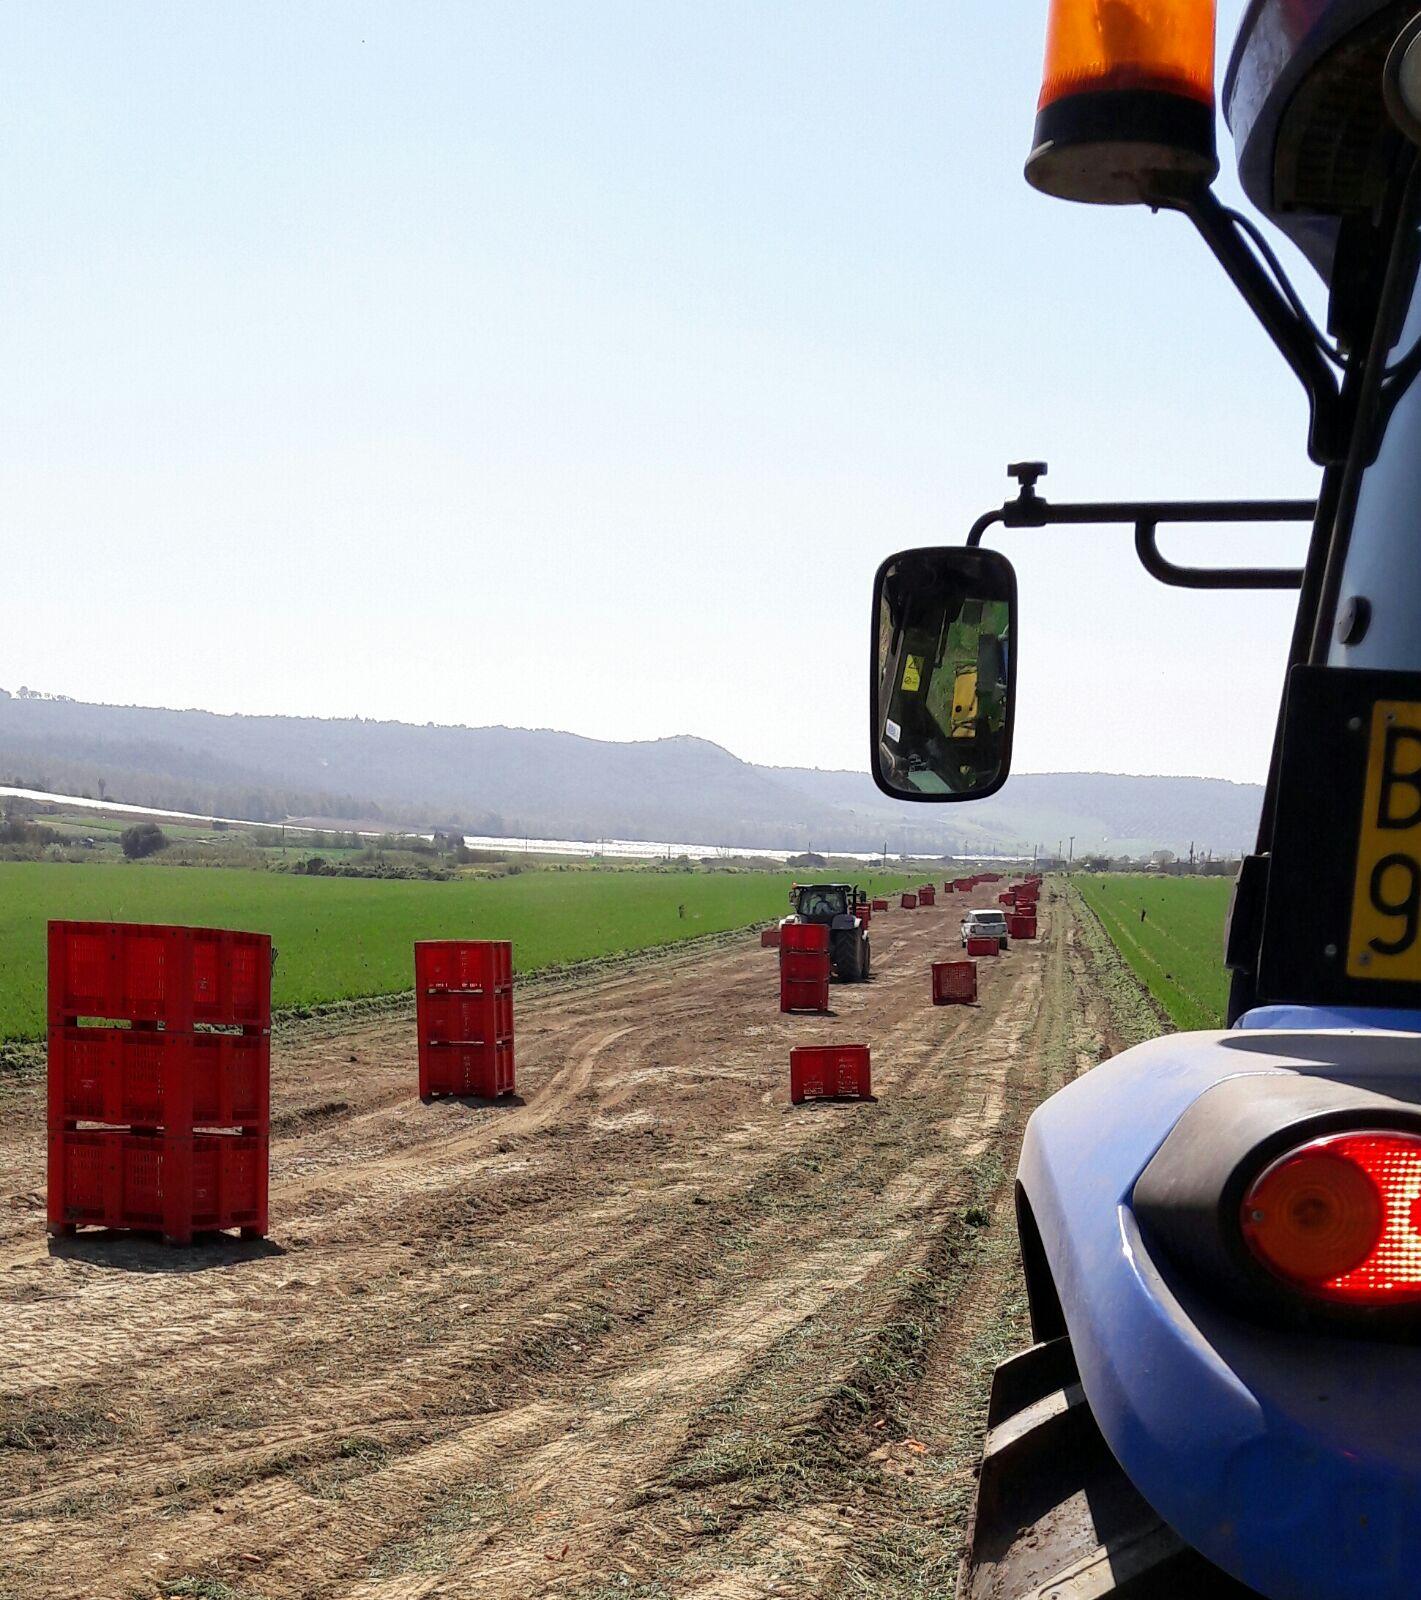 Dettaglio di macchinario agricolo in un campo